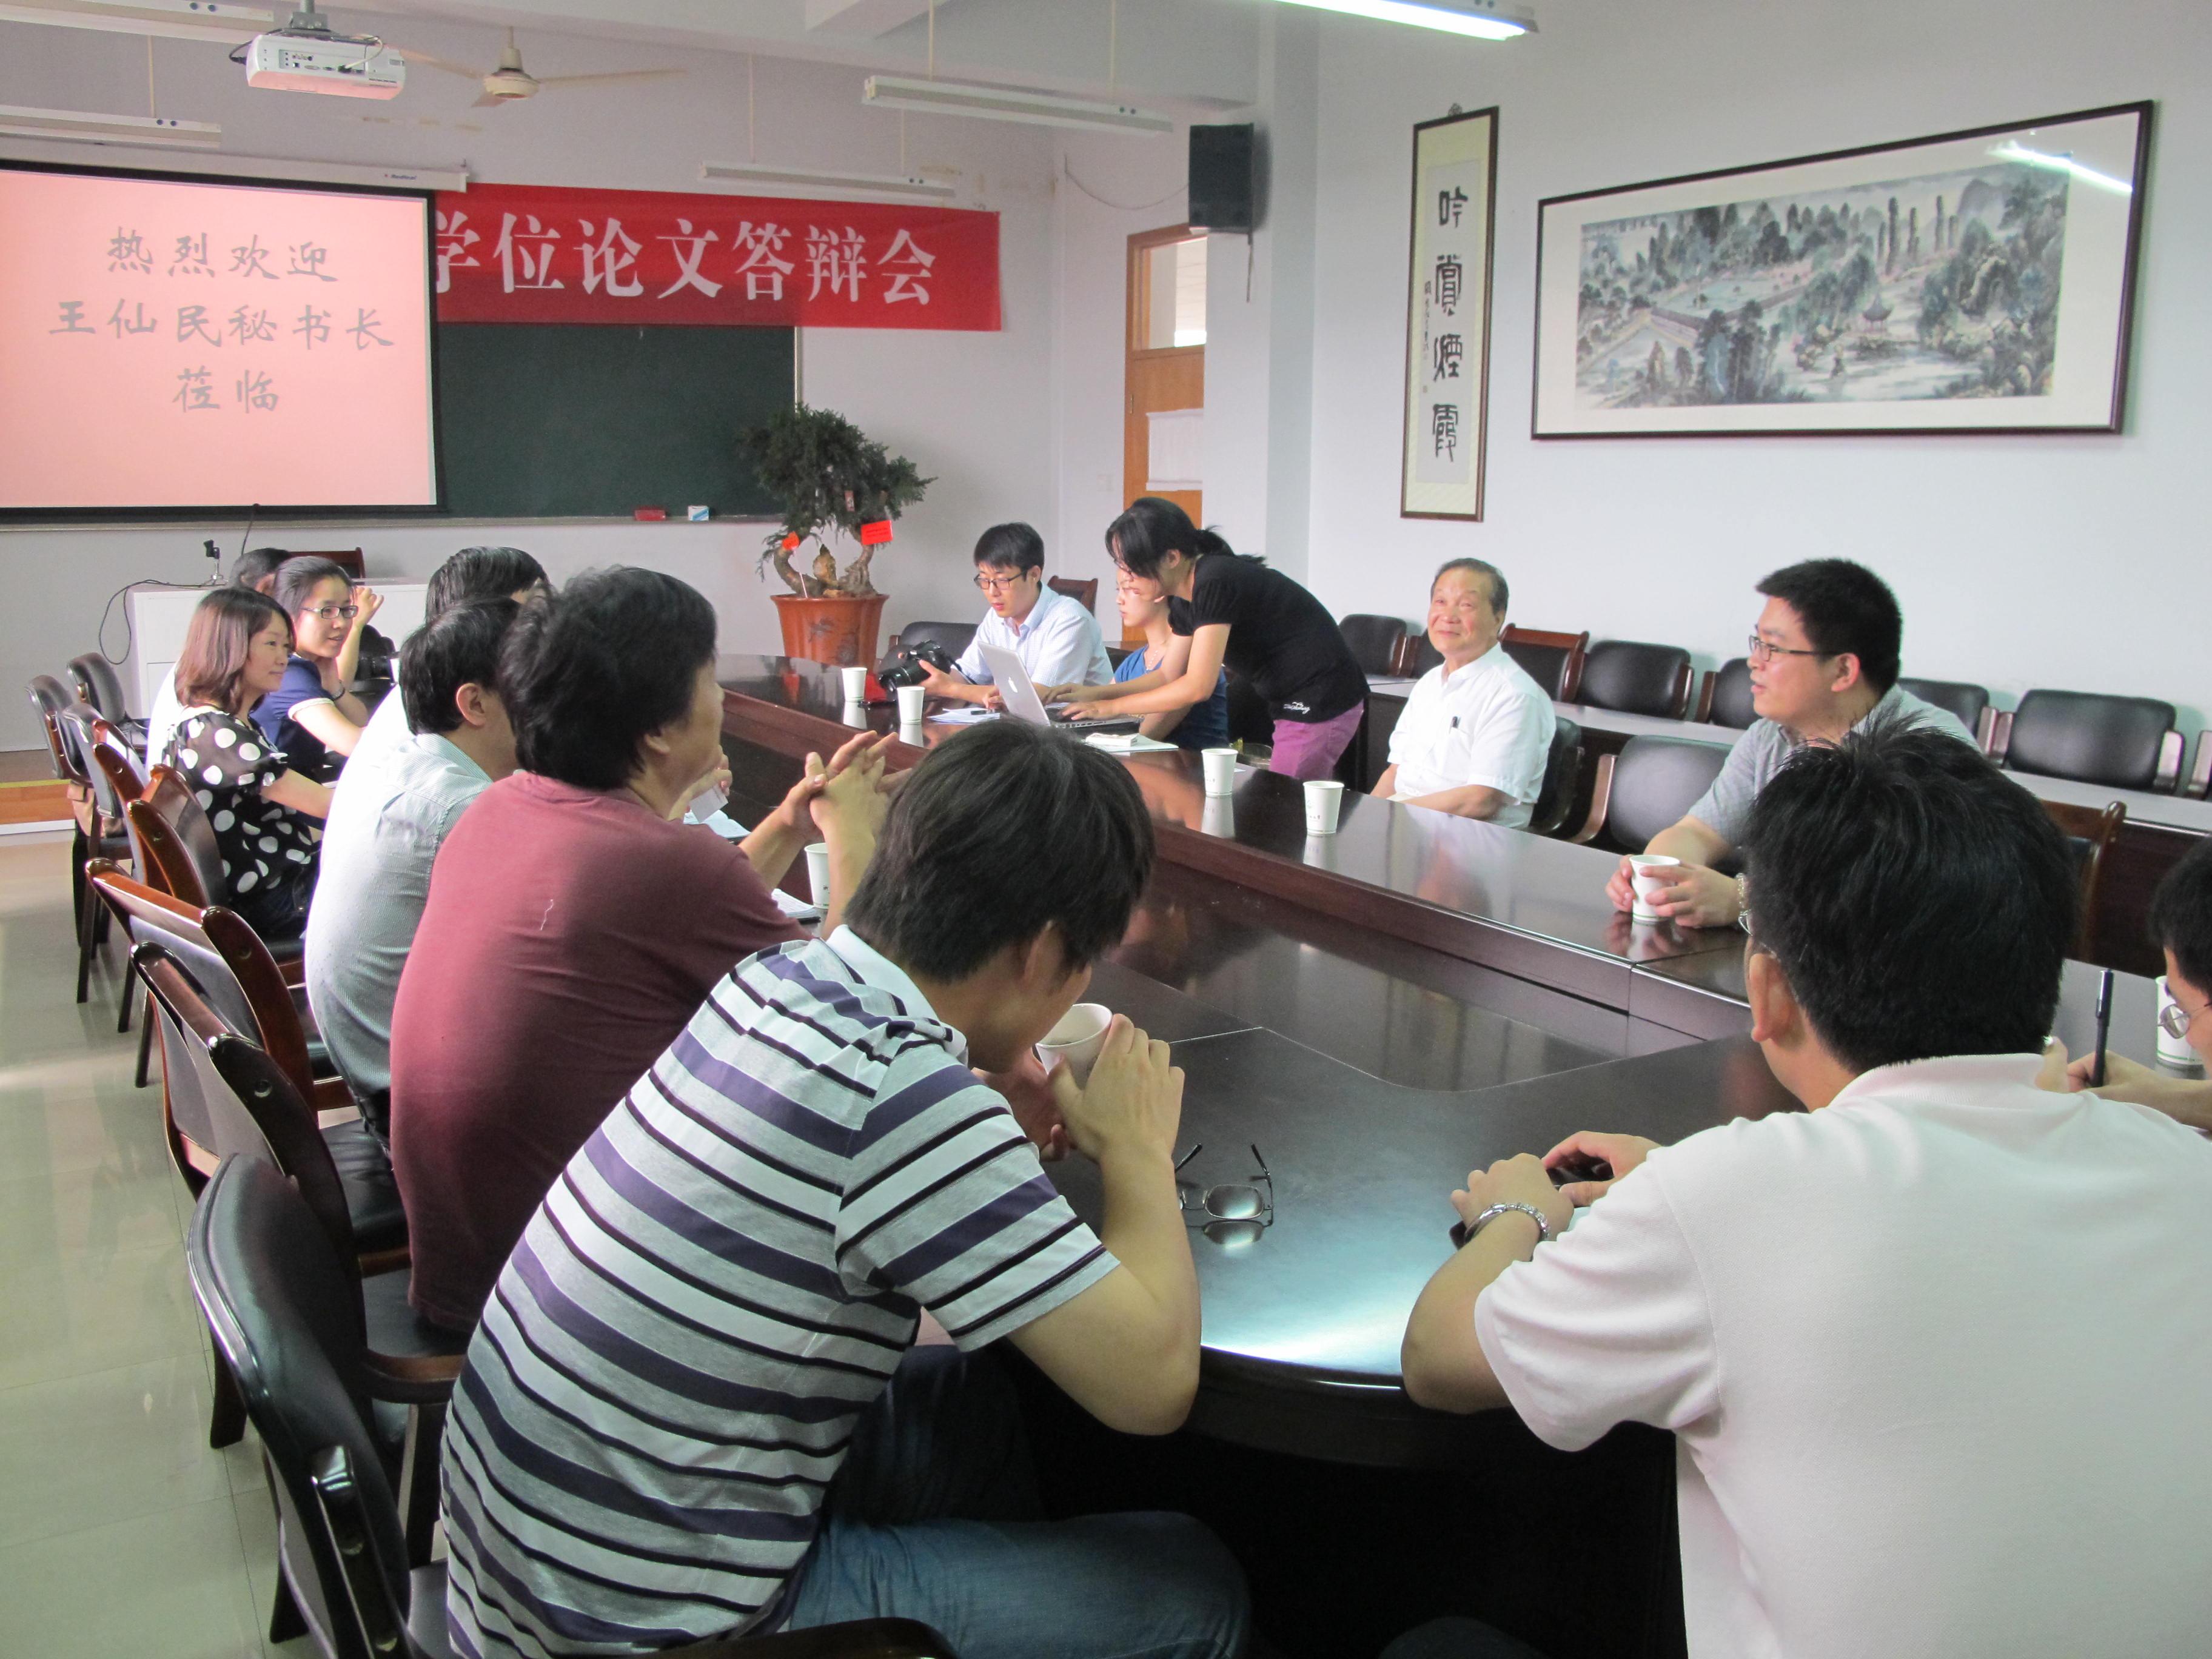 浙江農林大學會議室